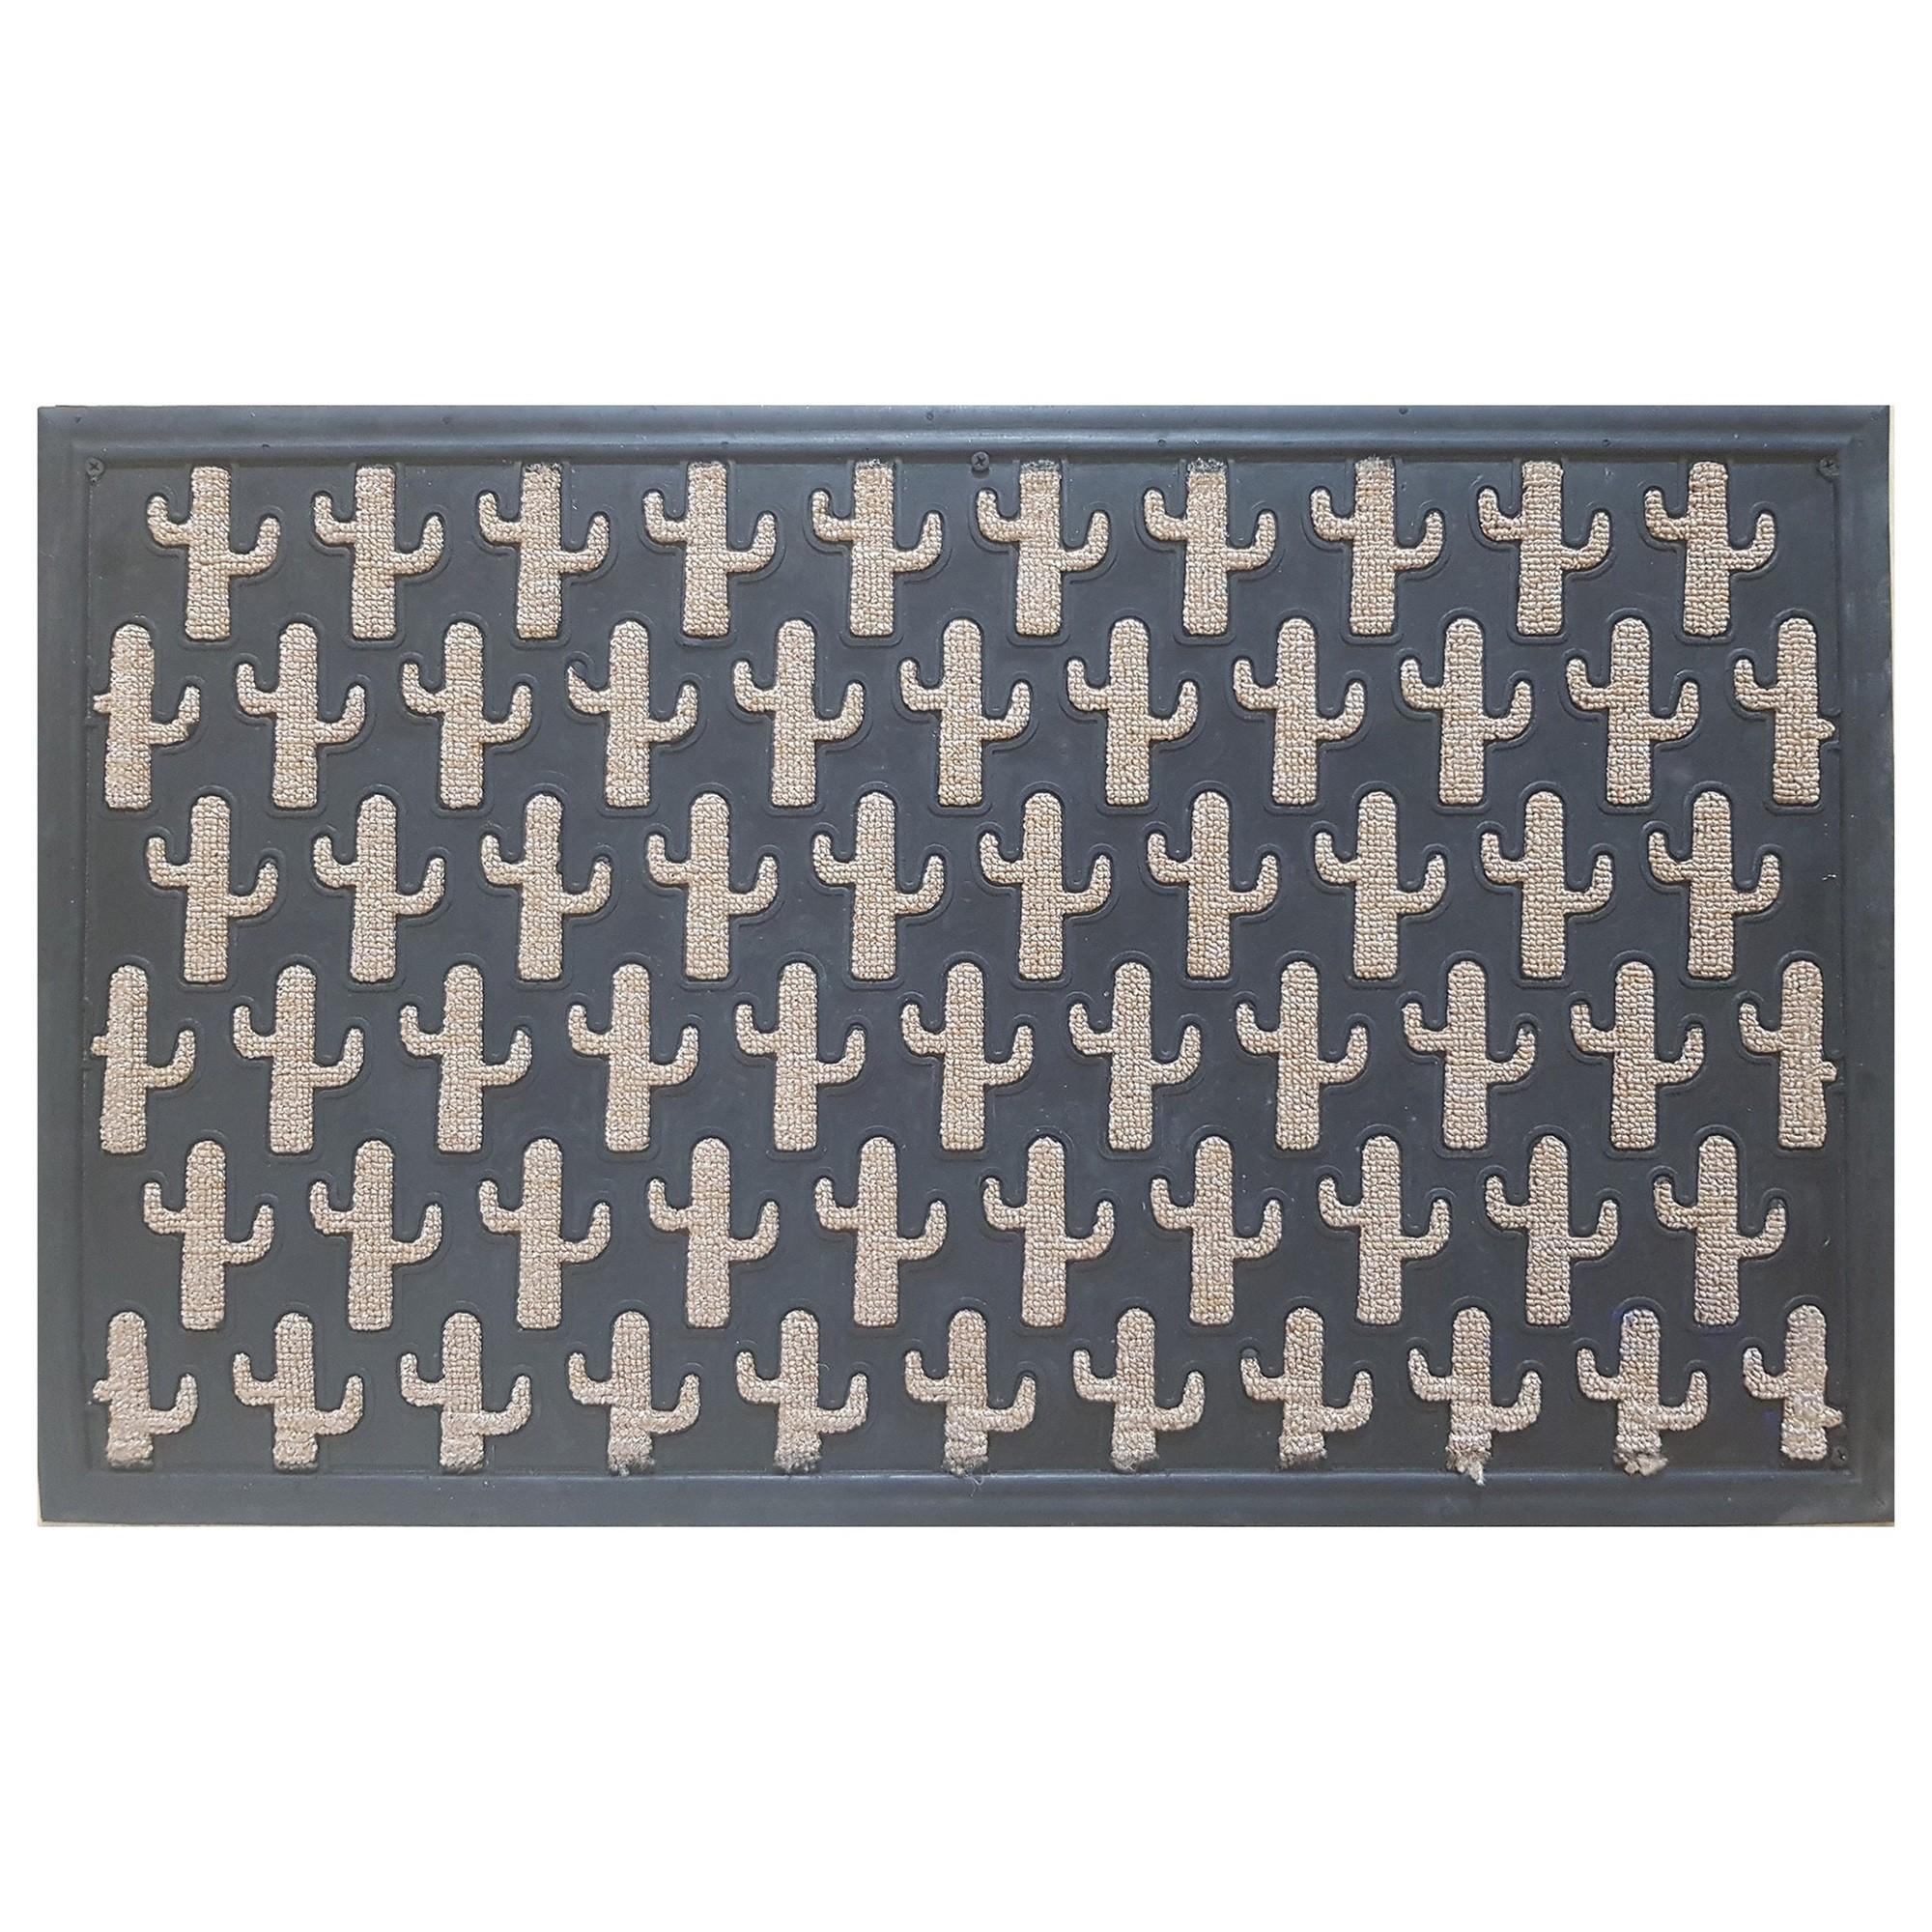 Cactus Pattern Rubber Doormat, 75x45cm